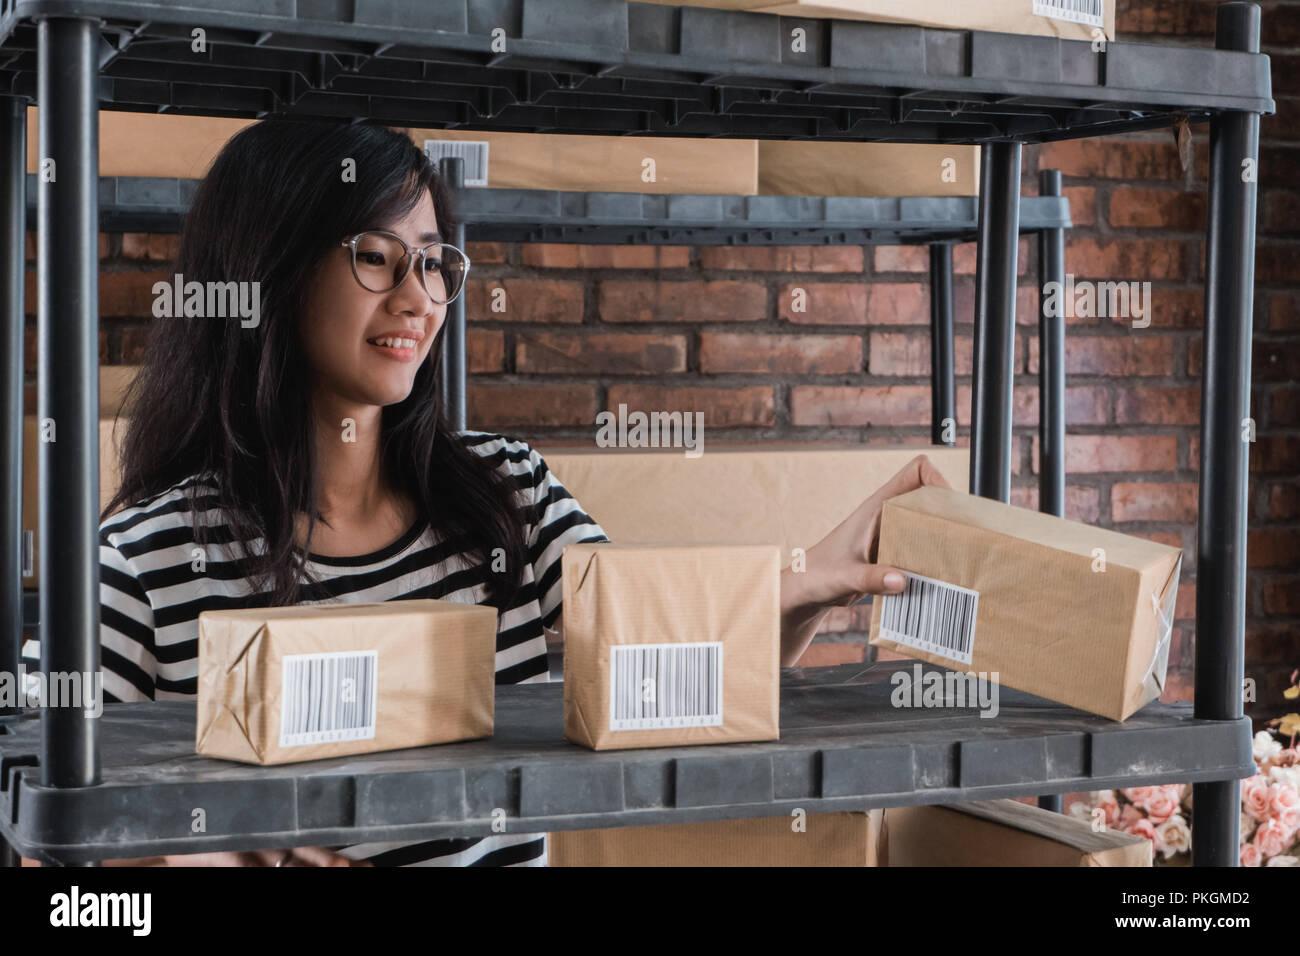 Jungen asiatischen on-line-Geschäft Inhaber Stockbild